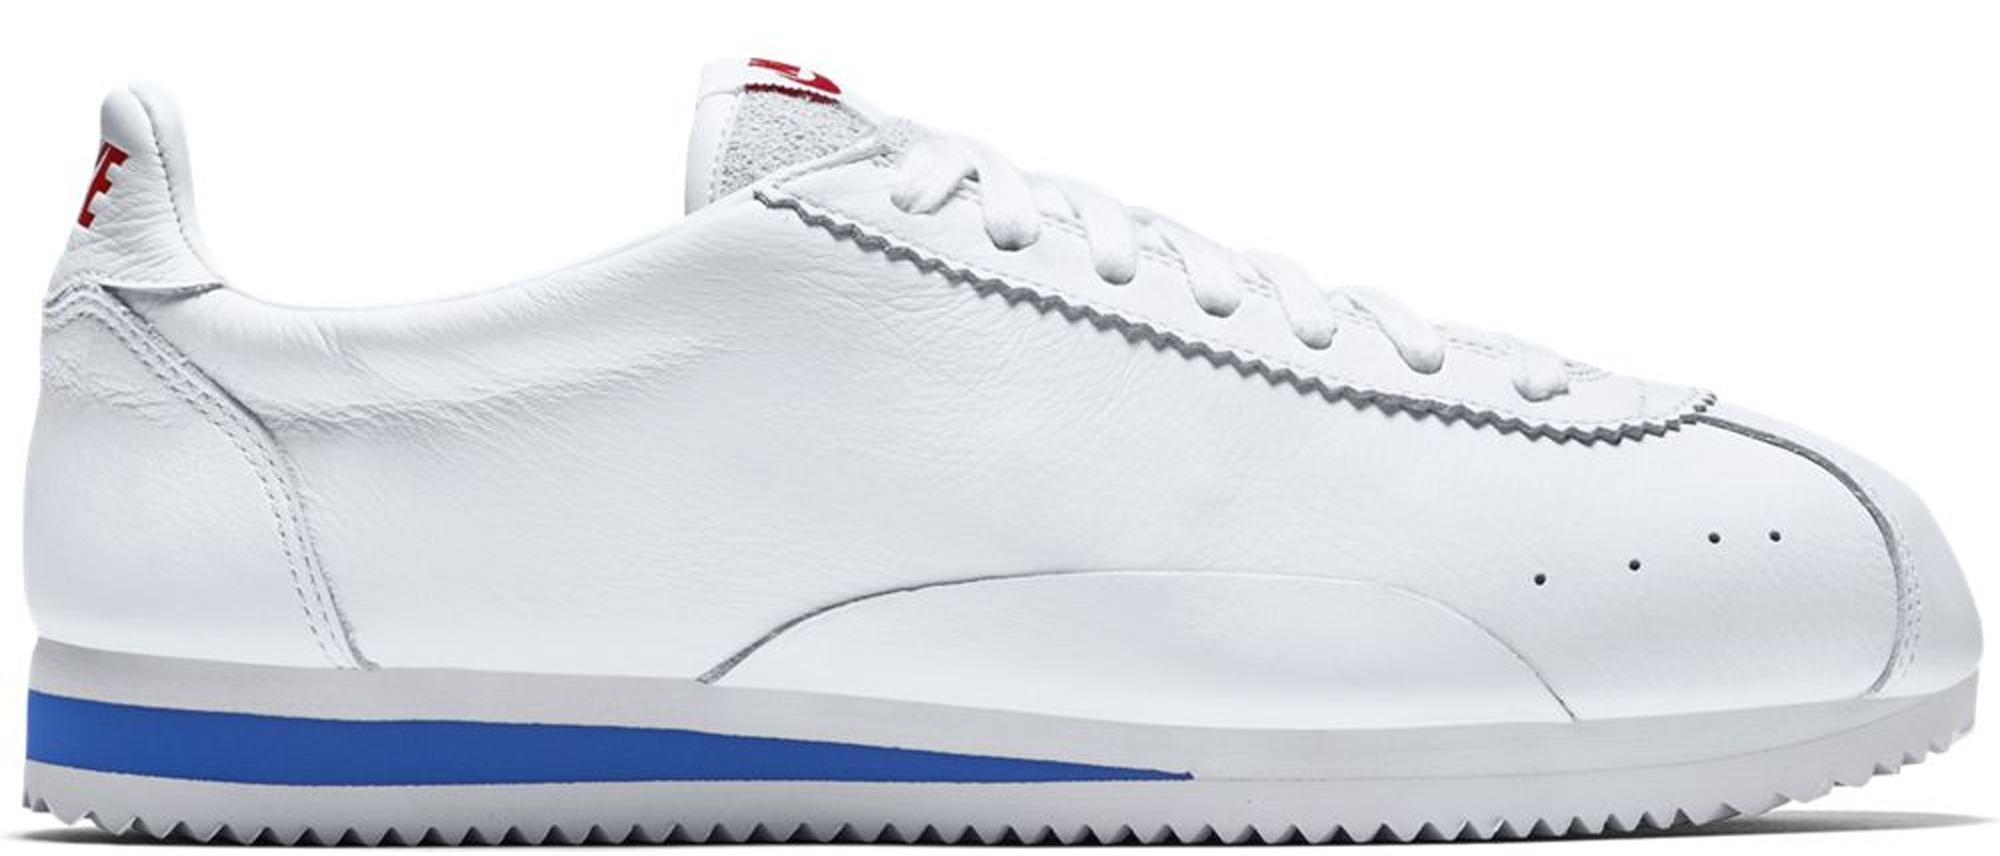 Nike Classic Cortez Swooshless White